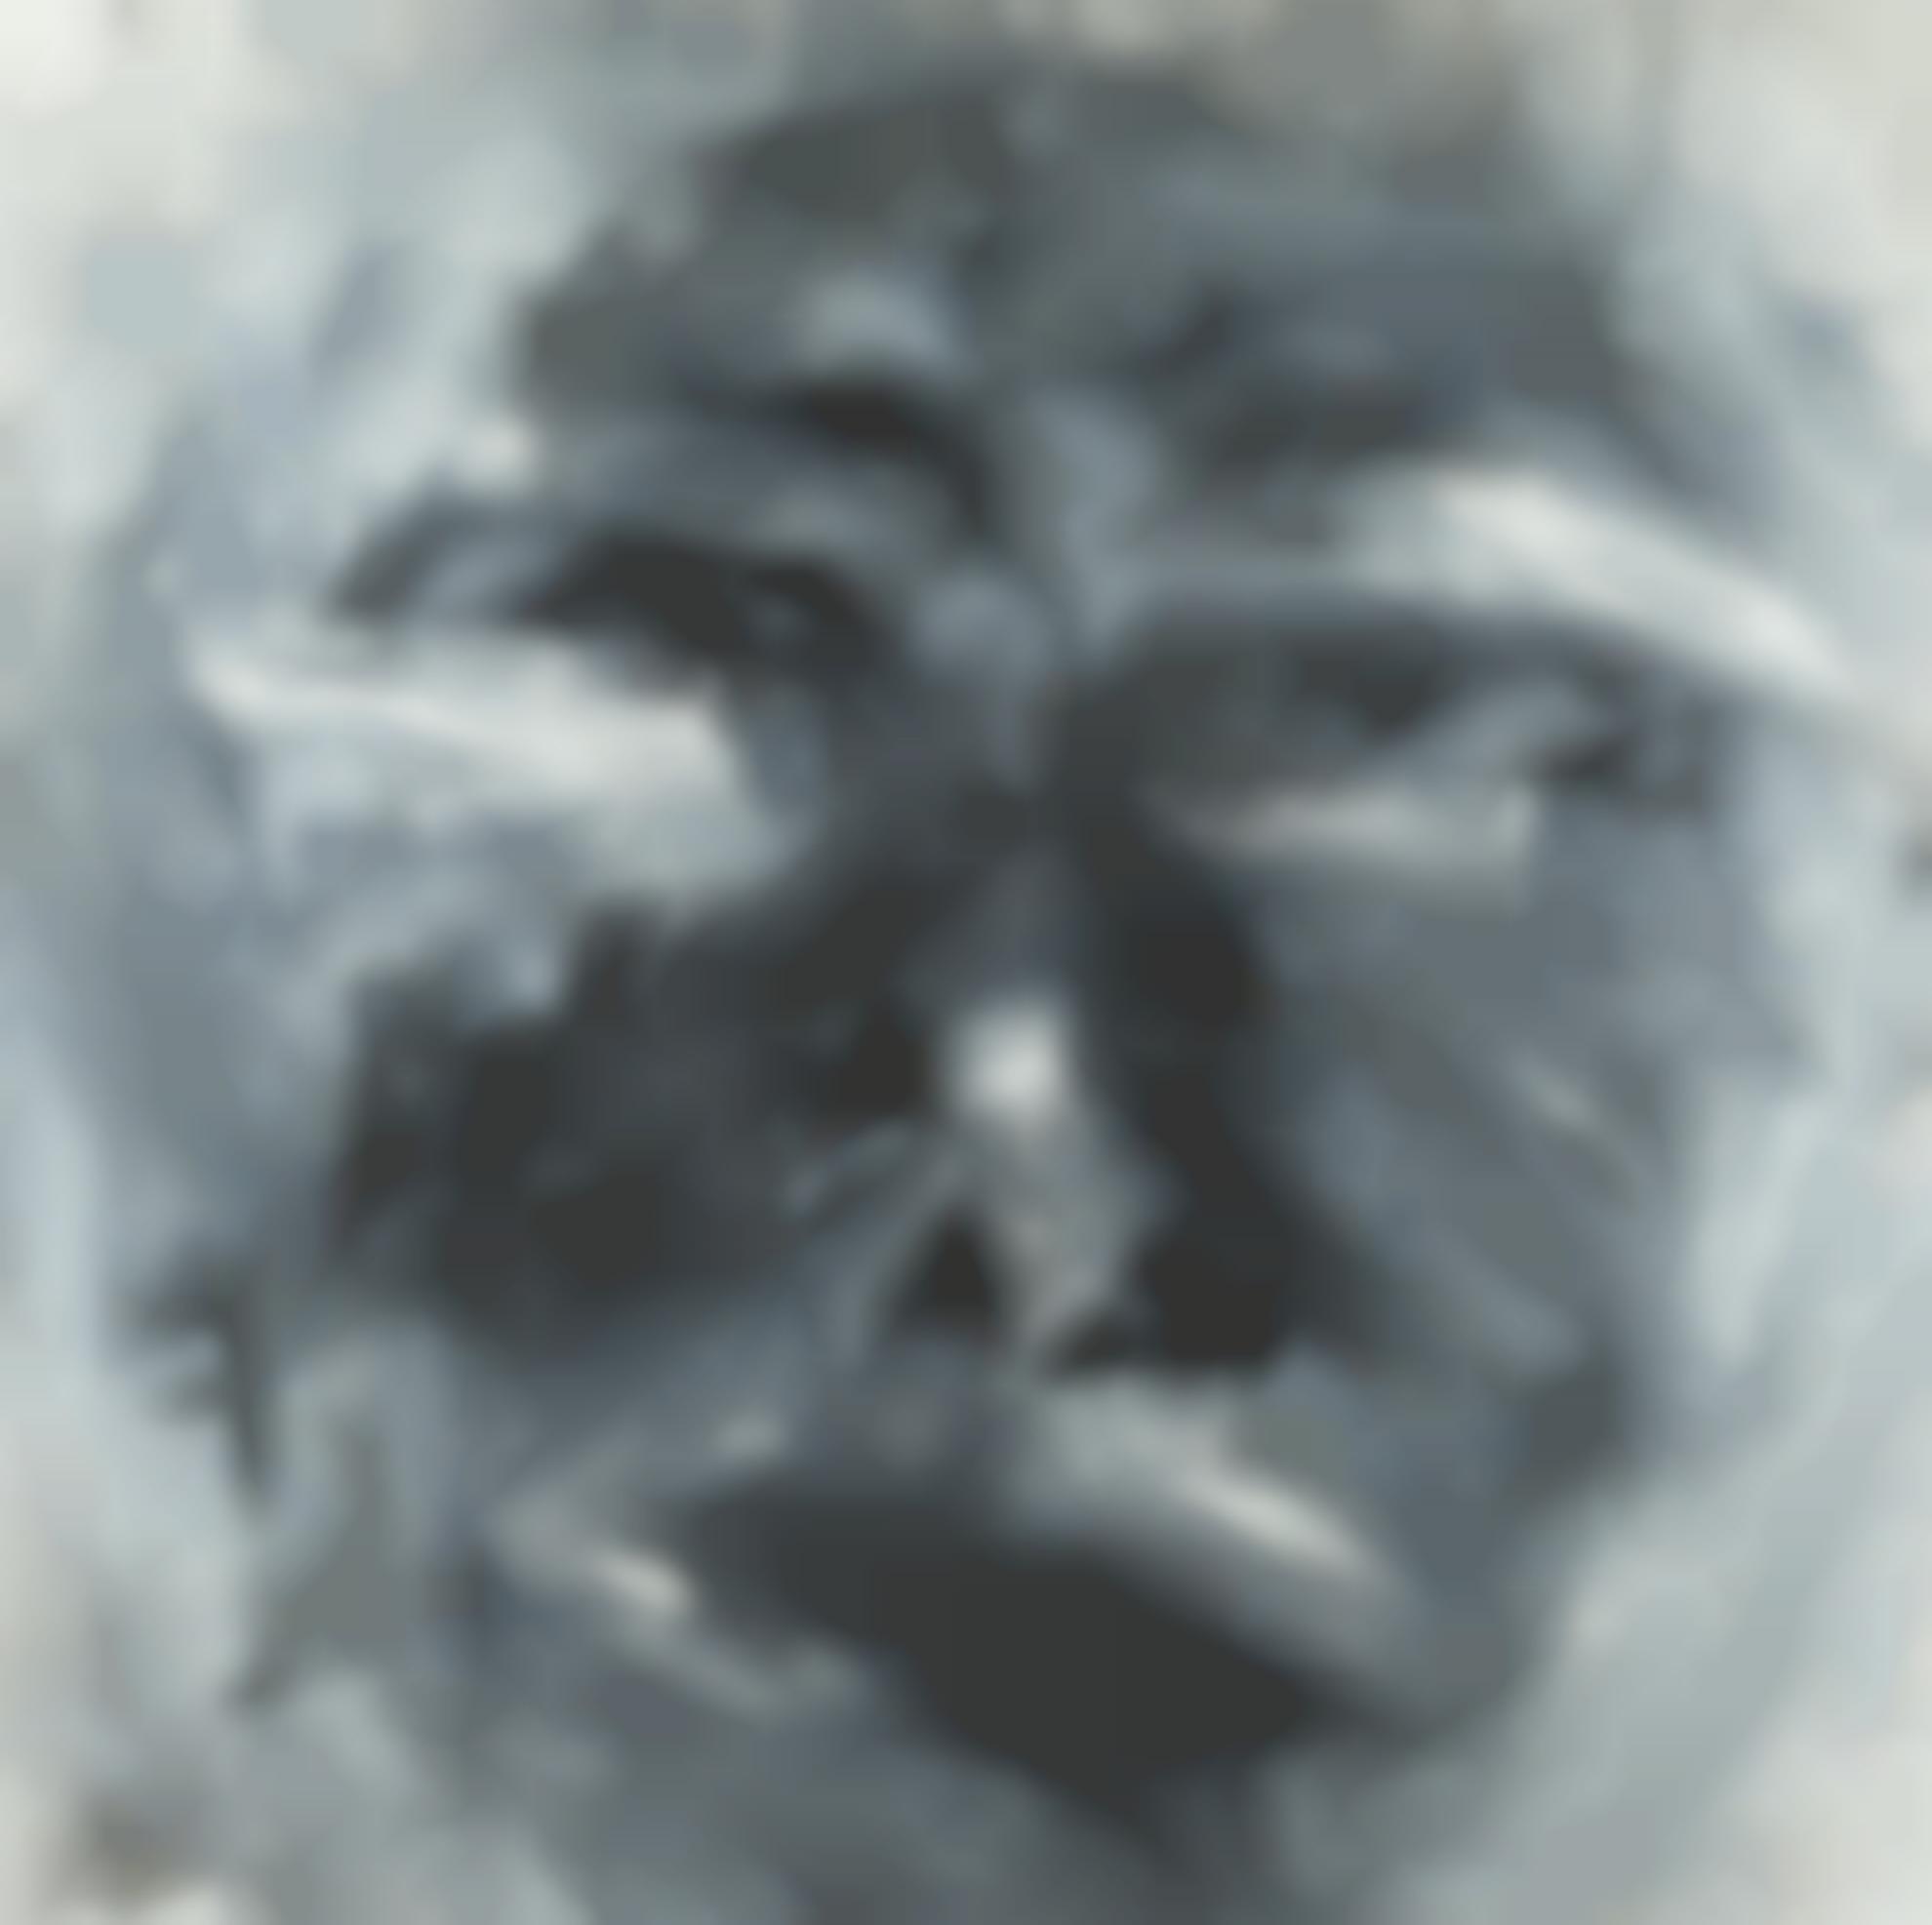 Yan Pei-Ming-Untitled-1988